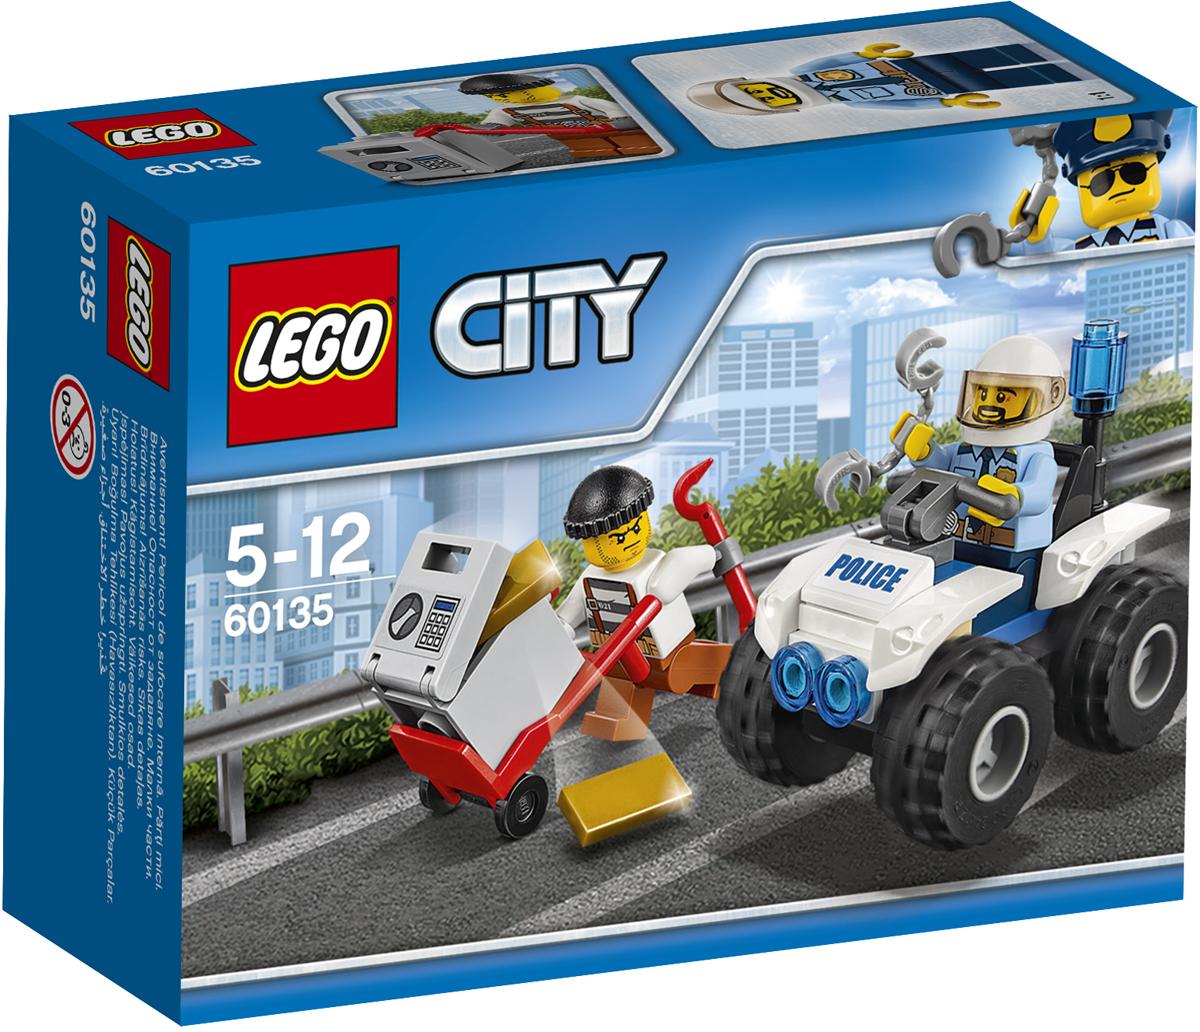 LEGO City Конструктор Полицейский квадроцикл 60135 lego city конструктор внедорожник каскадера 60146